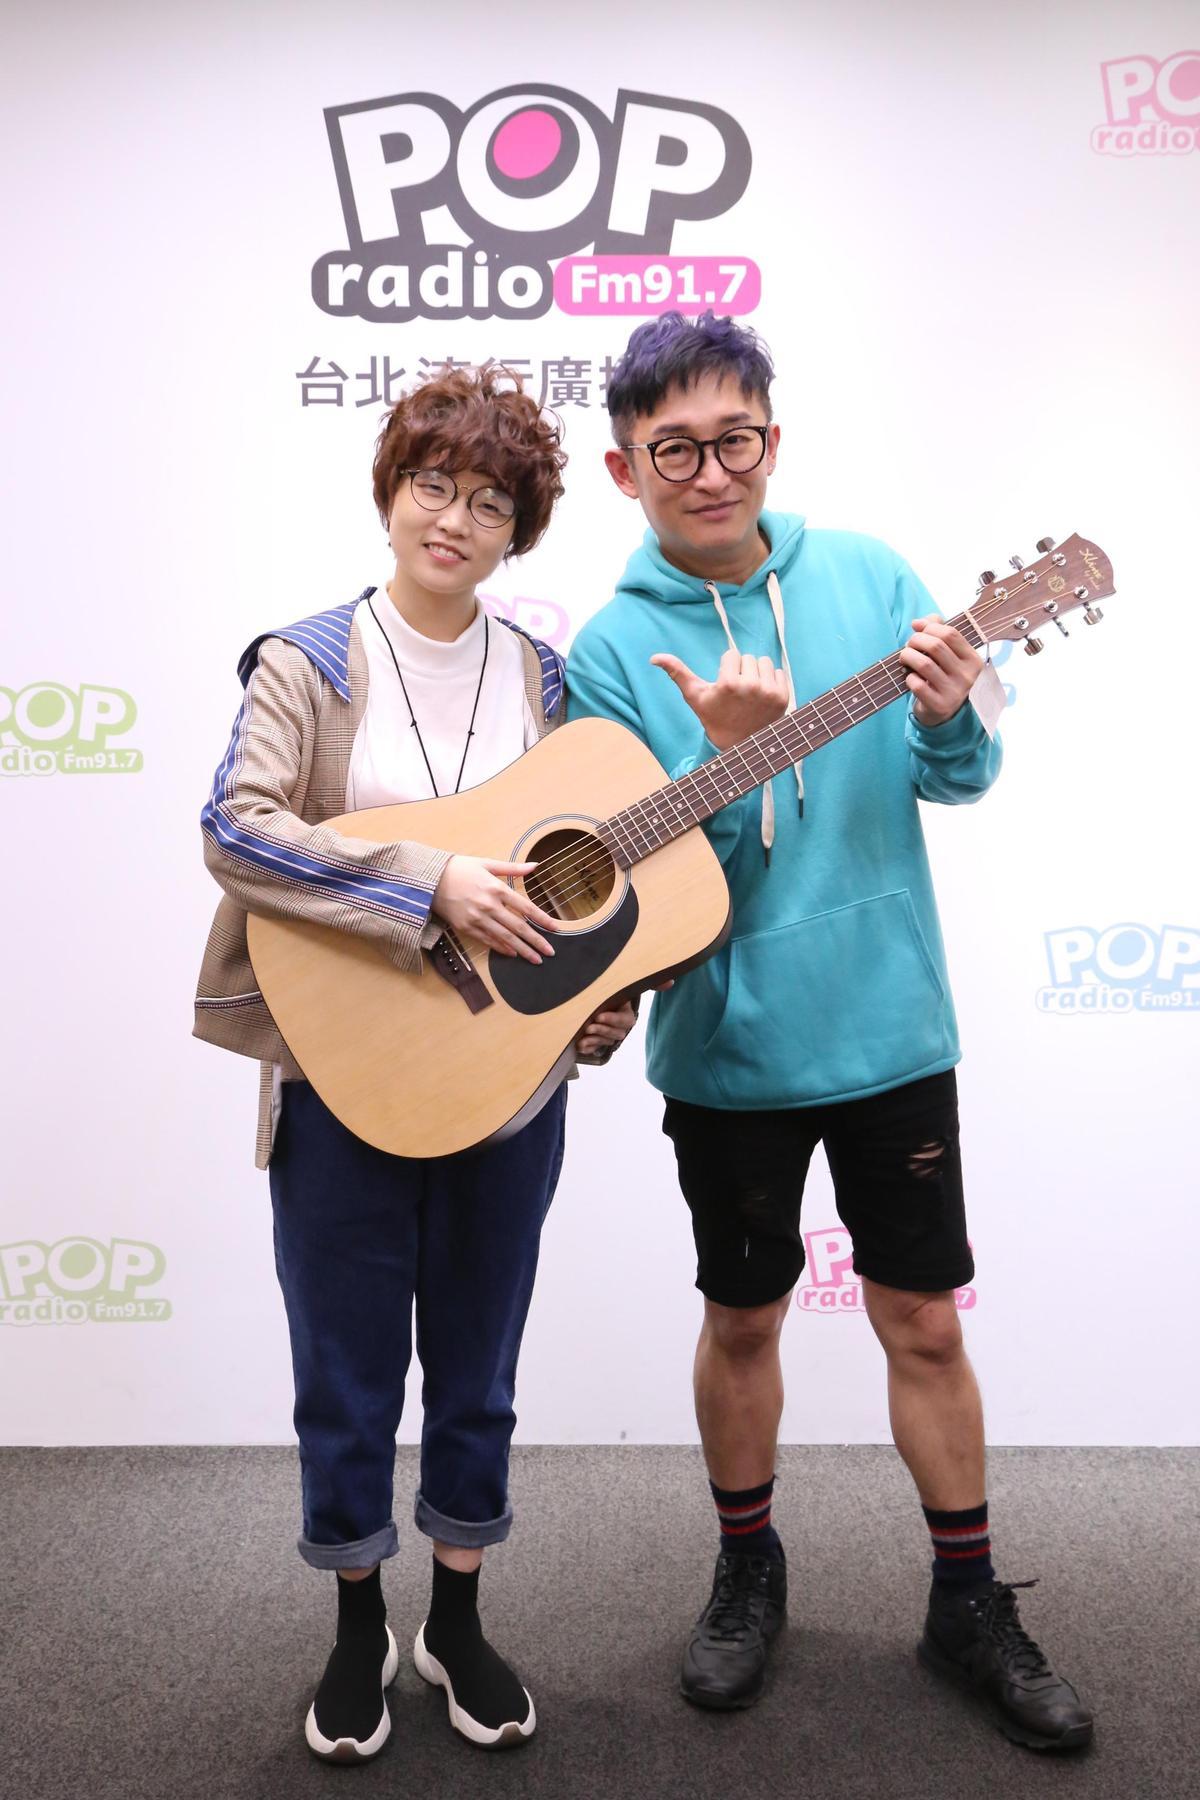 錦安苦練吉他小有成績,自言不擅言詞,乾脆就彈彈唱唱展現音樂才華。 (POP Radio提供)